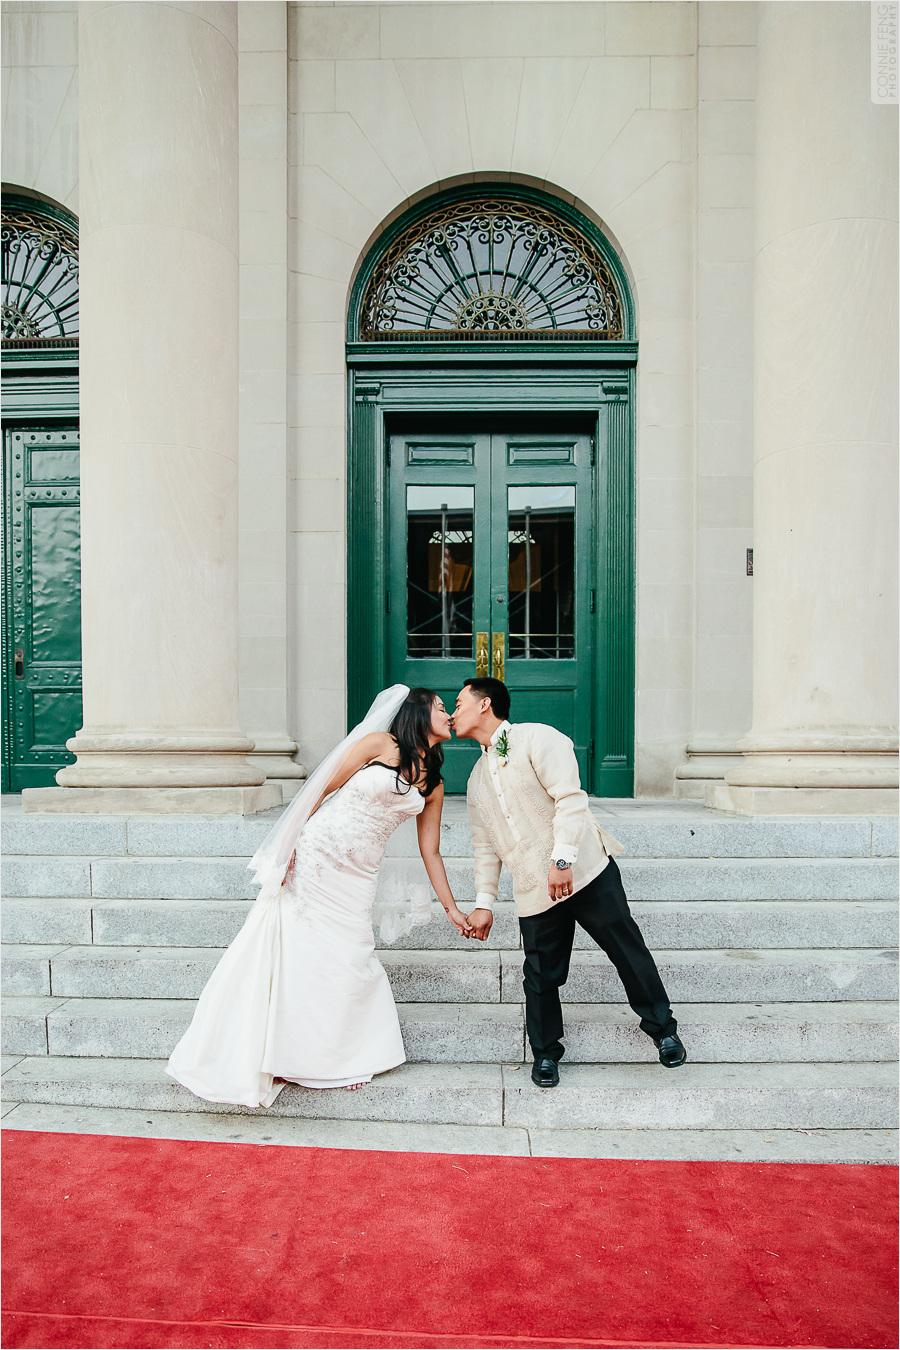 gasmena-wedding-444.jpg